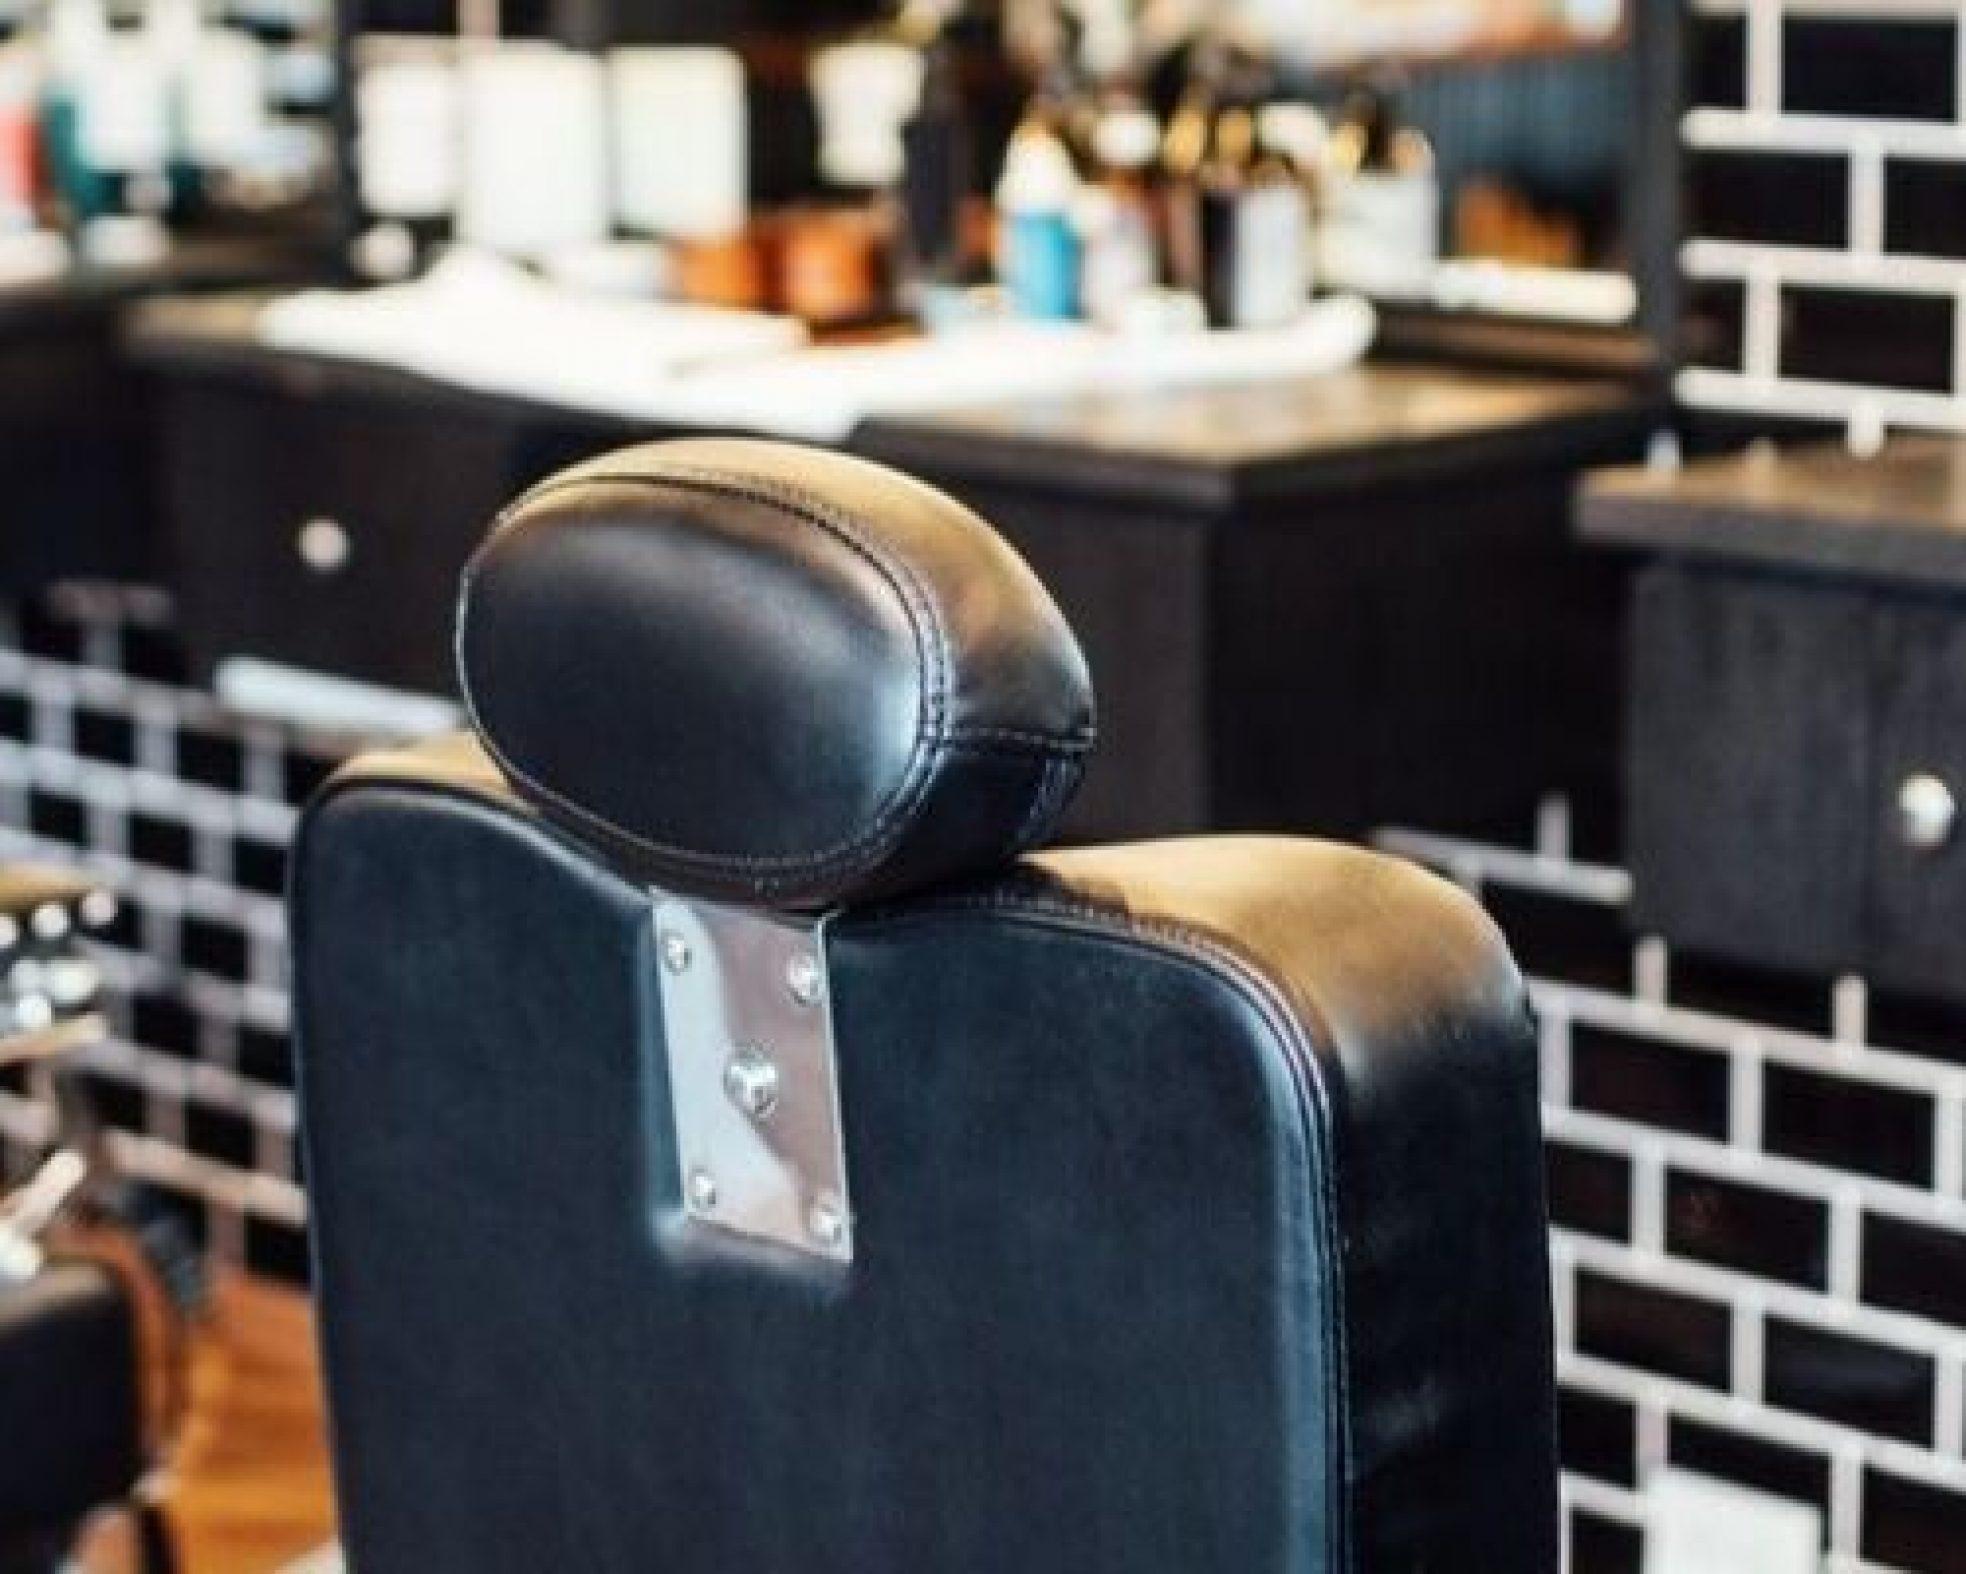 Essential Barber Equipment